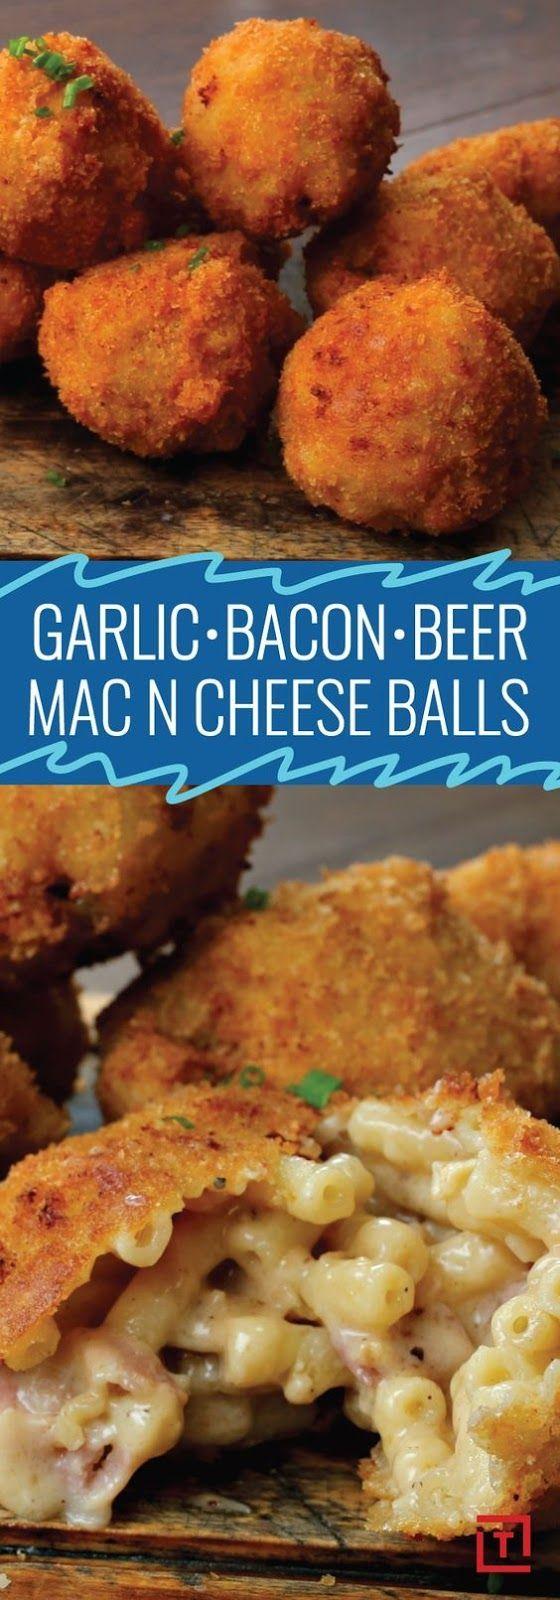 GARLIC, BACON, AND BEER MAC & CHEESE BALLS | Food And Cake Recipes